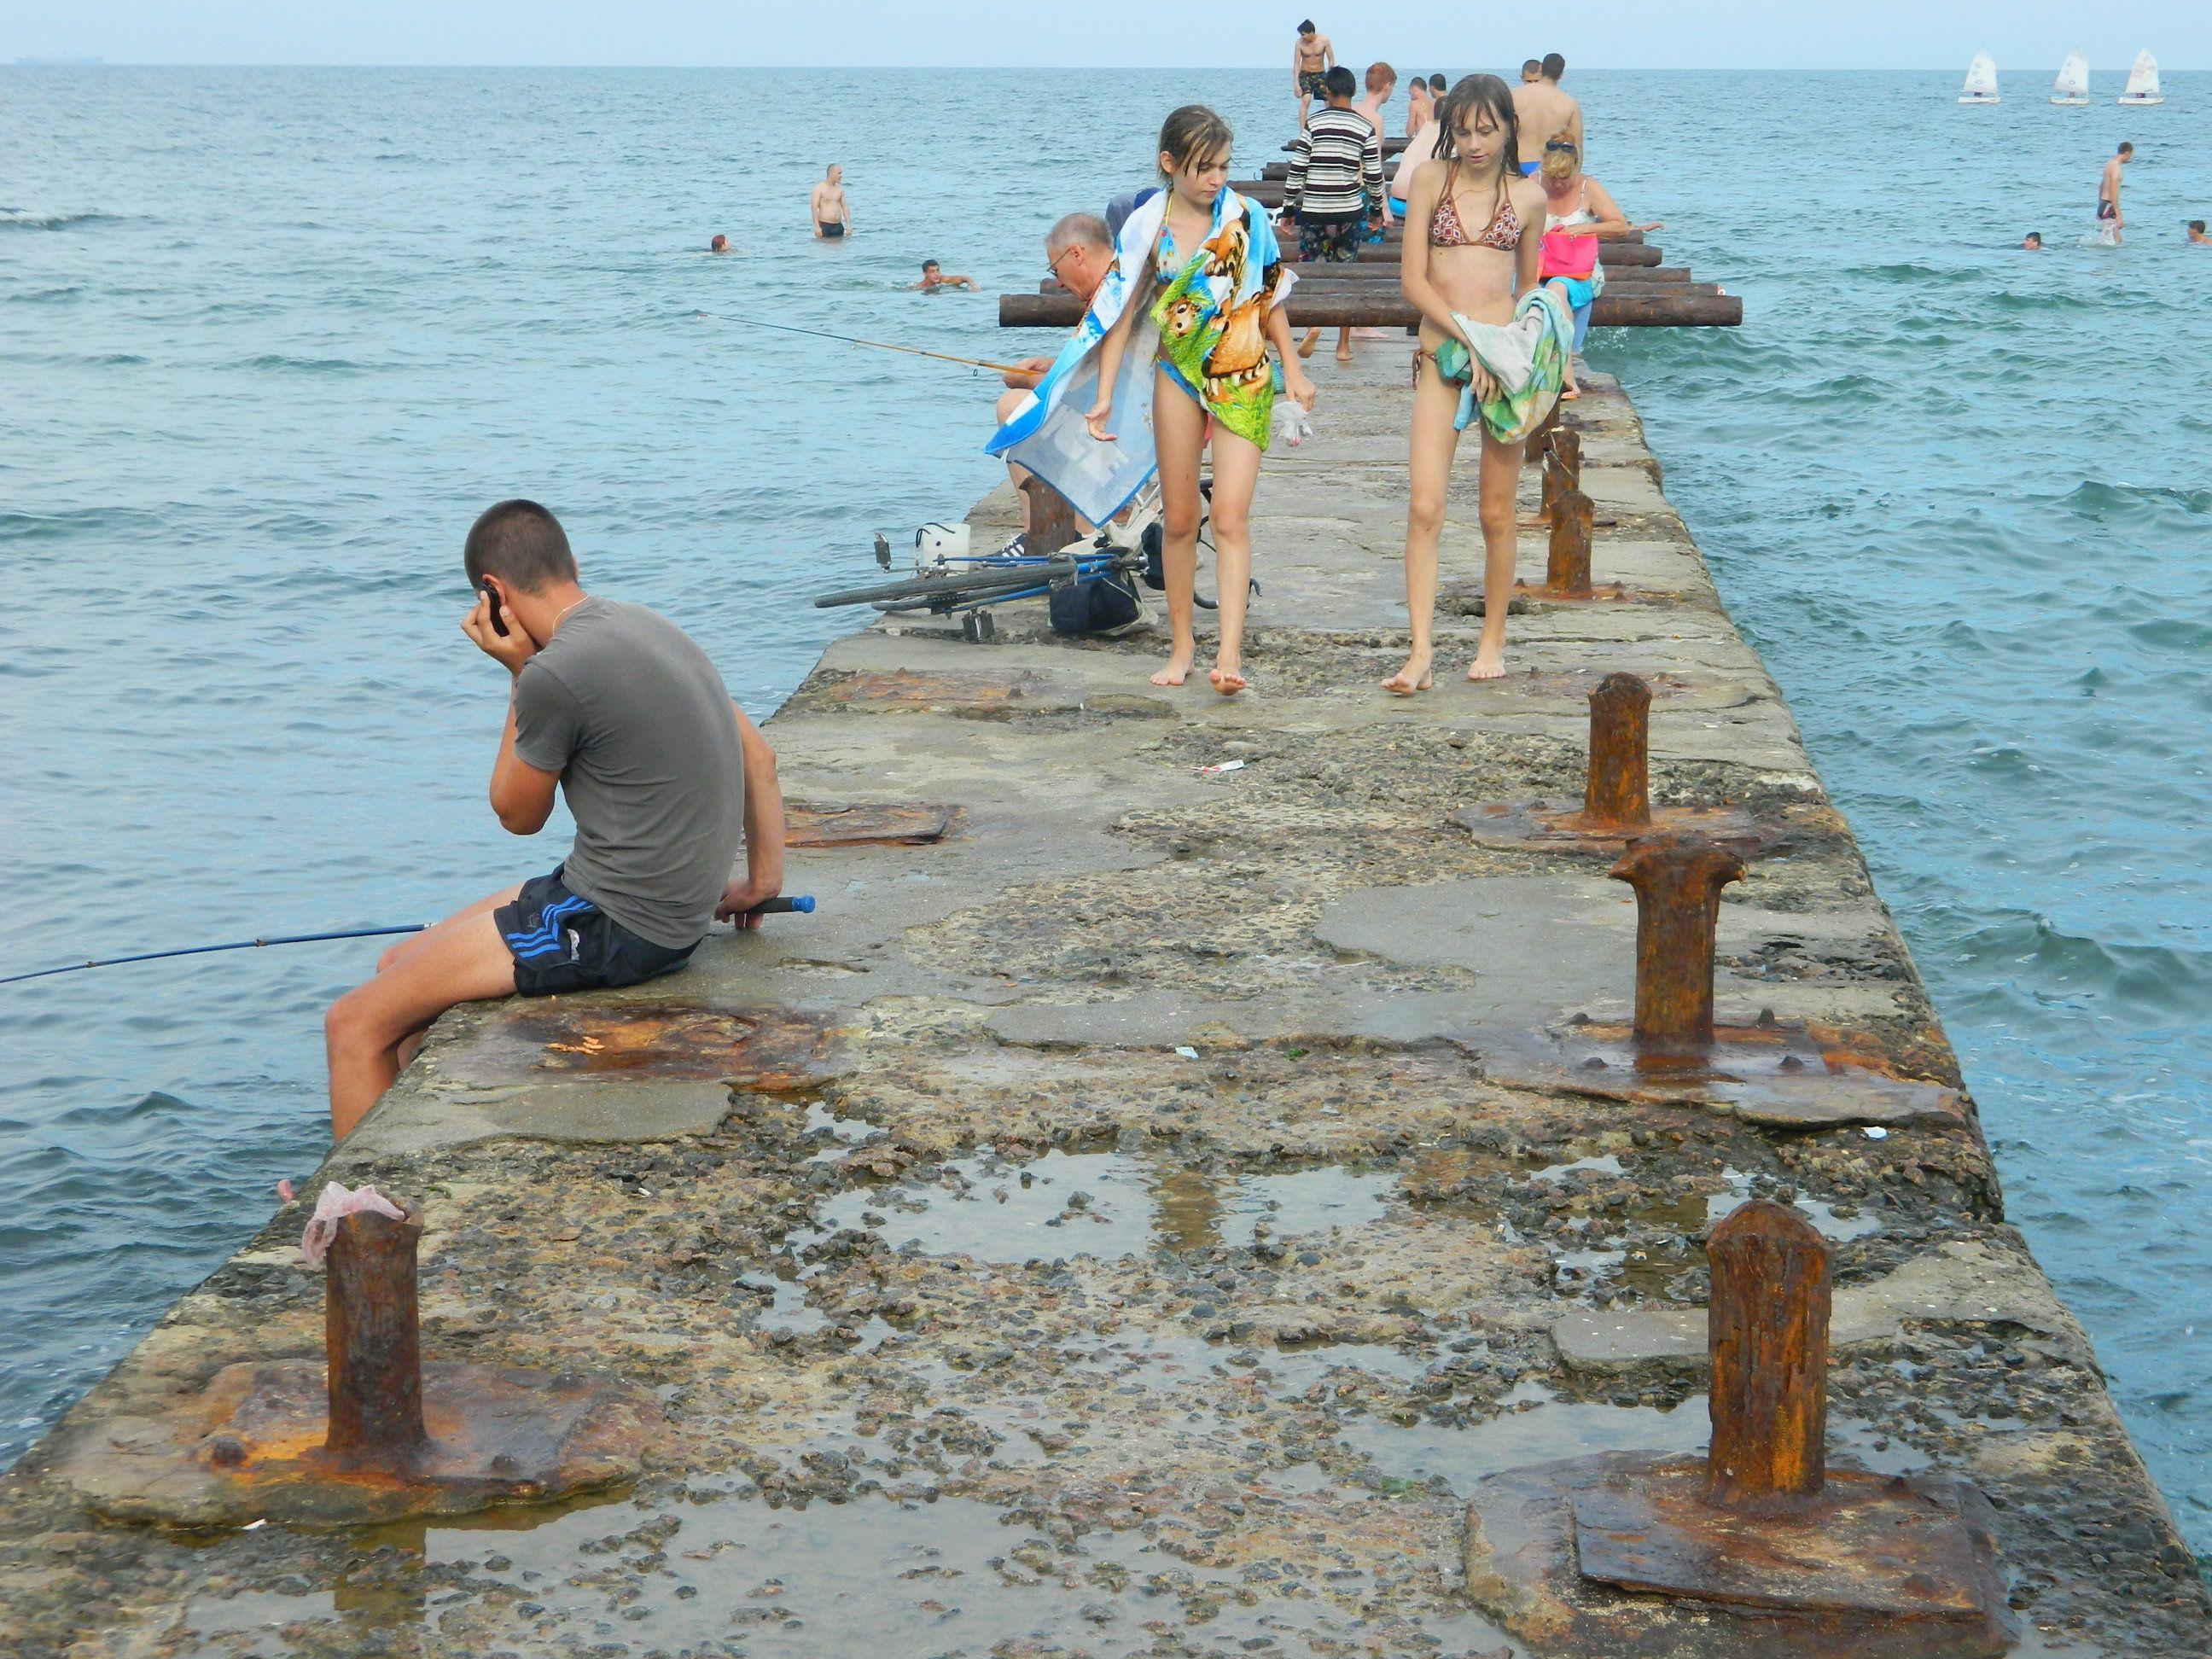 Нудисты пляж одесса фото видео  WikiBitme